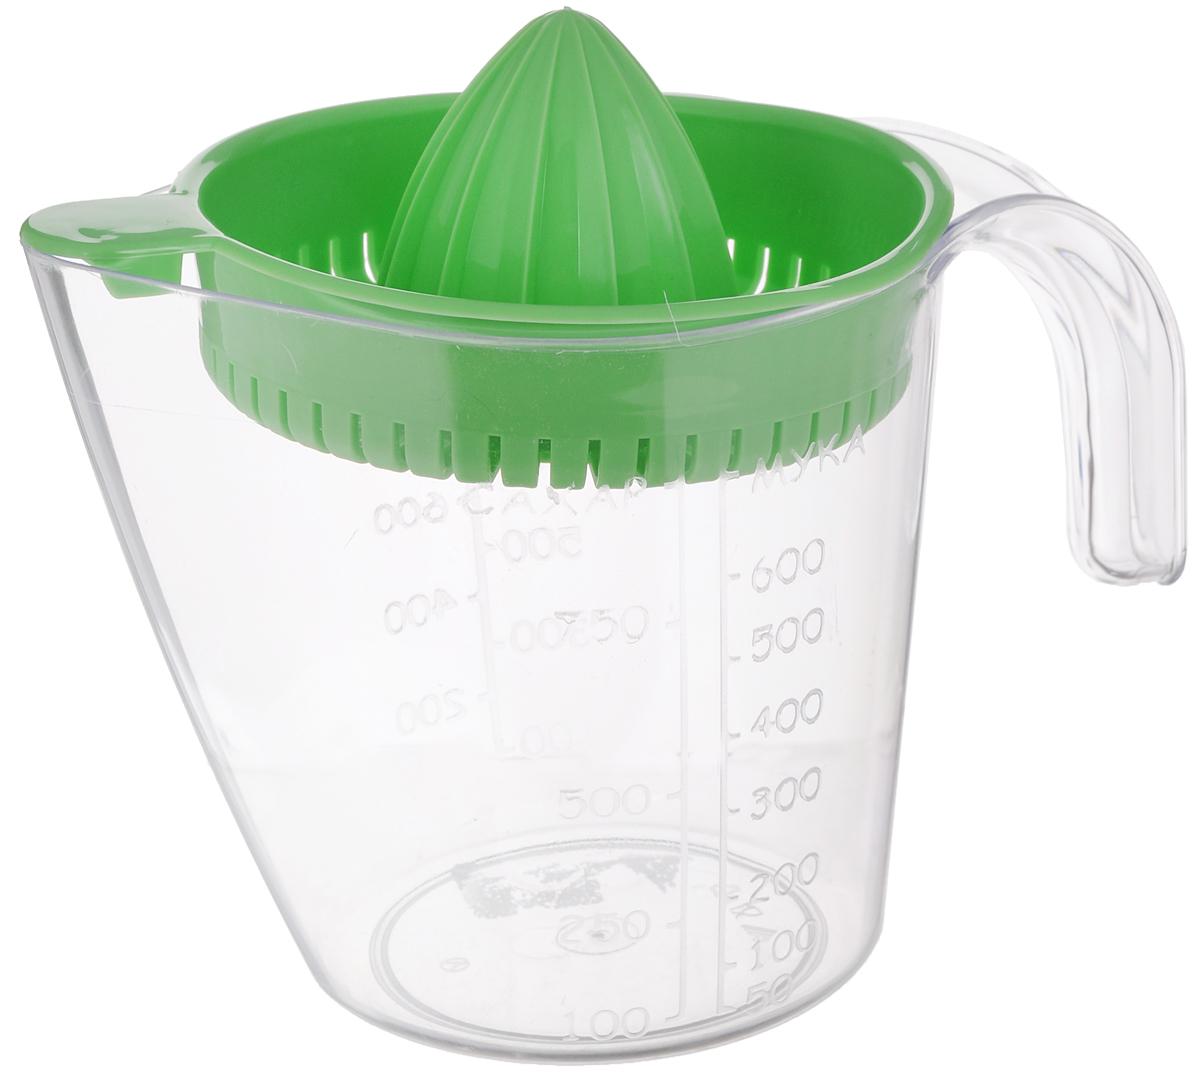 Соковыжималка для цитрусовых Альтернатива, ручная, с мерным стаканом, цвет: зеленый, 1,1 л54 009312Ручная соковыжималка для цитрусовых Альтернатива, изготовленная из пластика, станет полезным аксессуаром на любой кухне. Она идеально подойдет для мелких и крупных цитрусовых фруктов. Достаточно разрезать фрукты пополам, зафиксировать на держателе и покрутить. Сок выливается в мерный стакан, входящий в комплект. Простая и удобная в использовании соковыжималка Альтернатива займет достойное место среди кухонного инвентаря. Размер соковыжималки: 16 см х 13,5 см х 6 см.Объем мерного стакана: 1100 мл.Диаметр стакана по верхнему краю: 13 см.Высота стакана: 13,5 см.